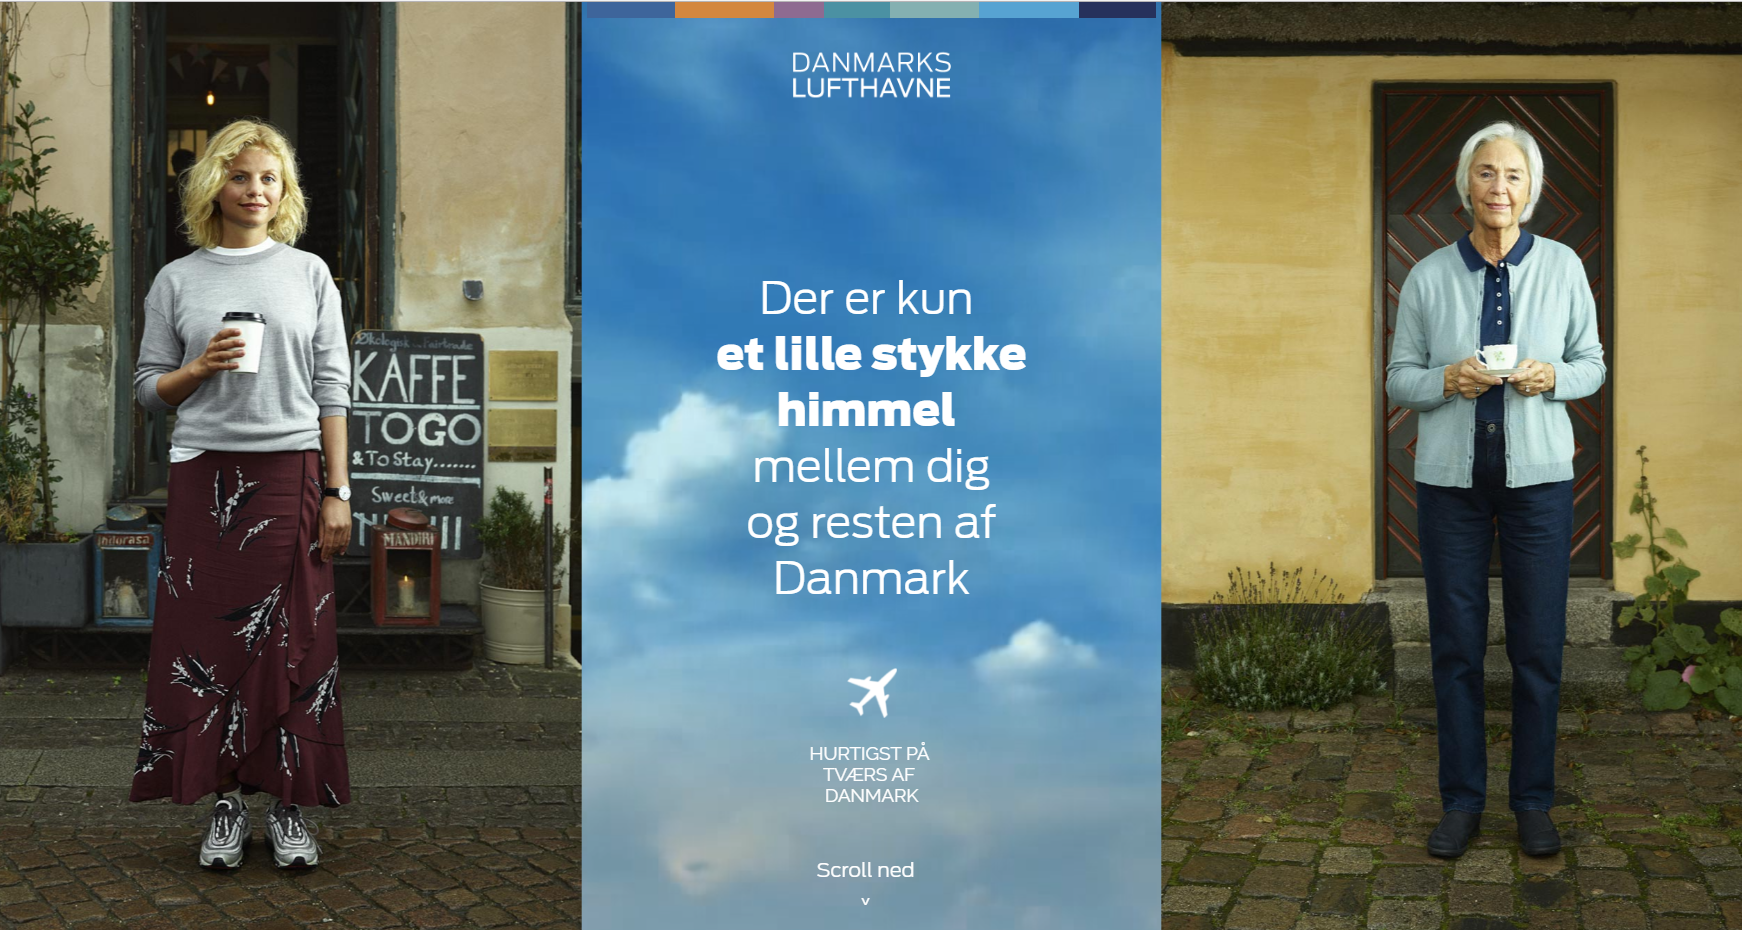 Hjemmesiden danmarkslufthavne.dk skal skabe opmærksomhed om dansk indenrigsflyvning.